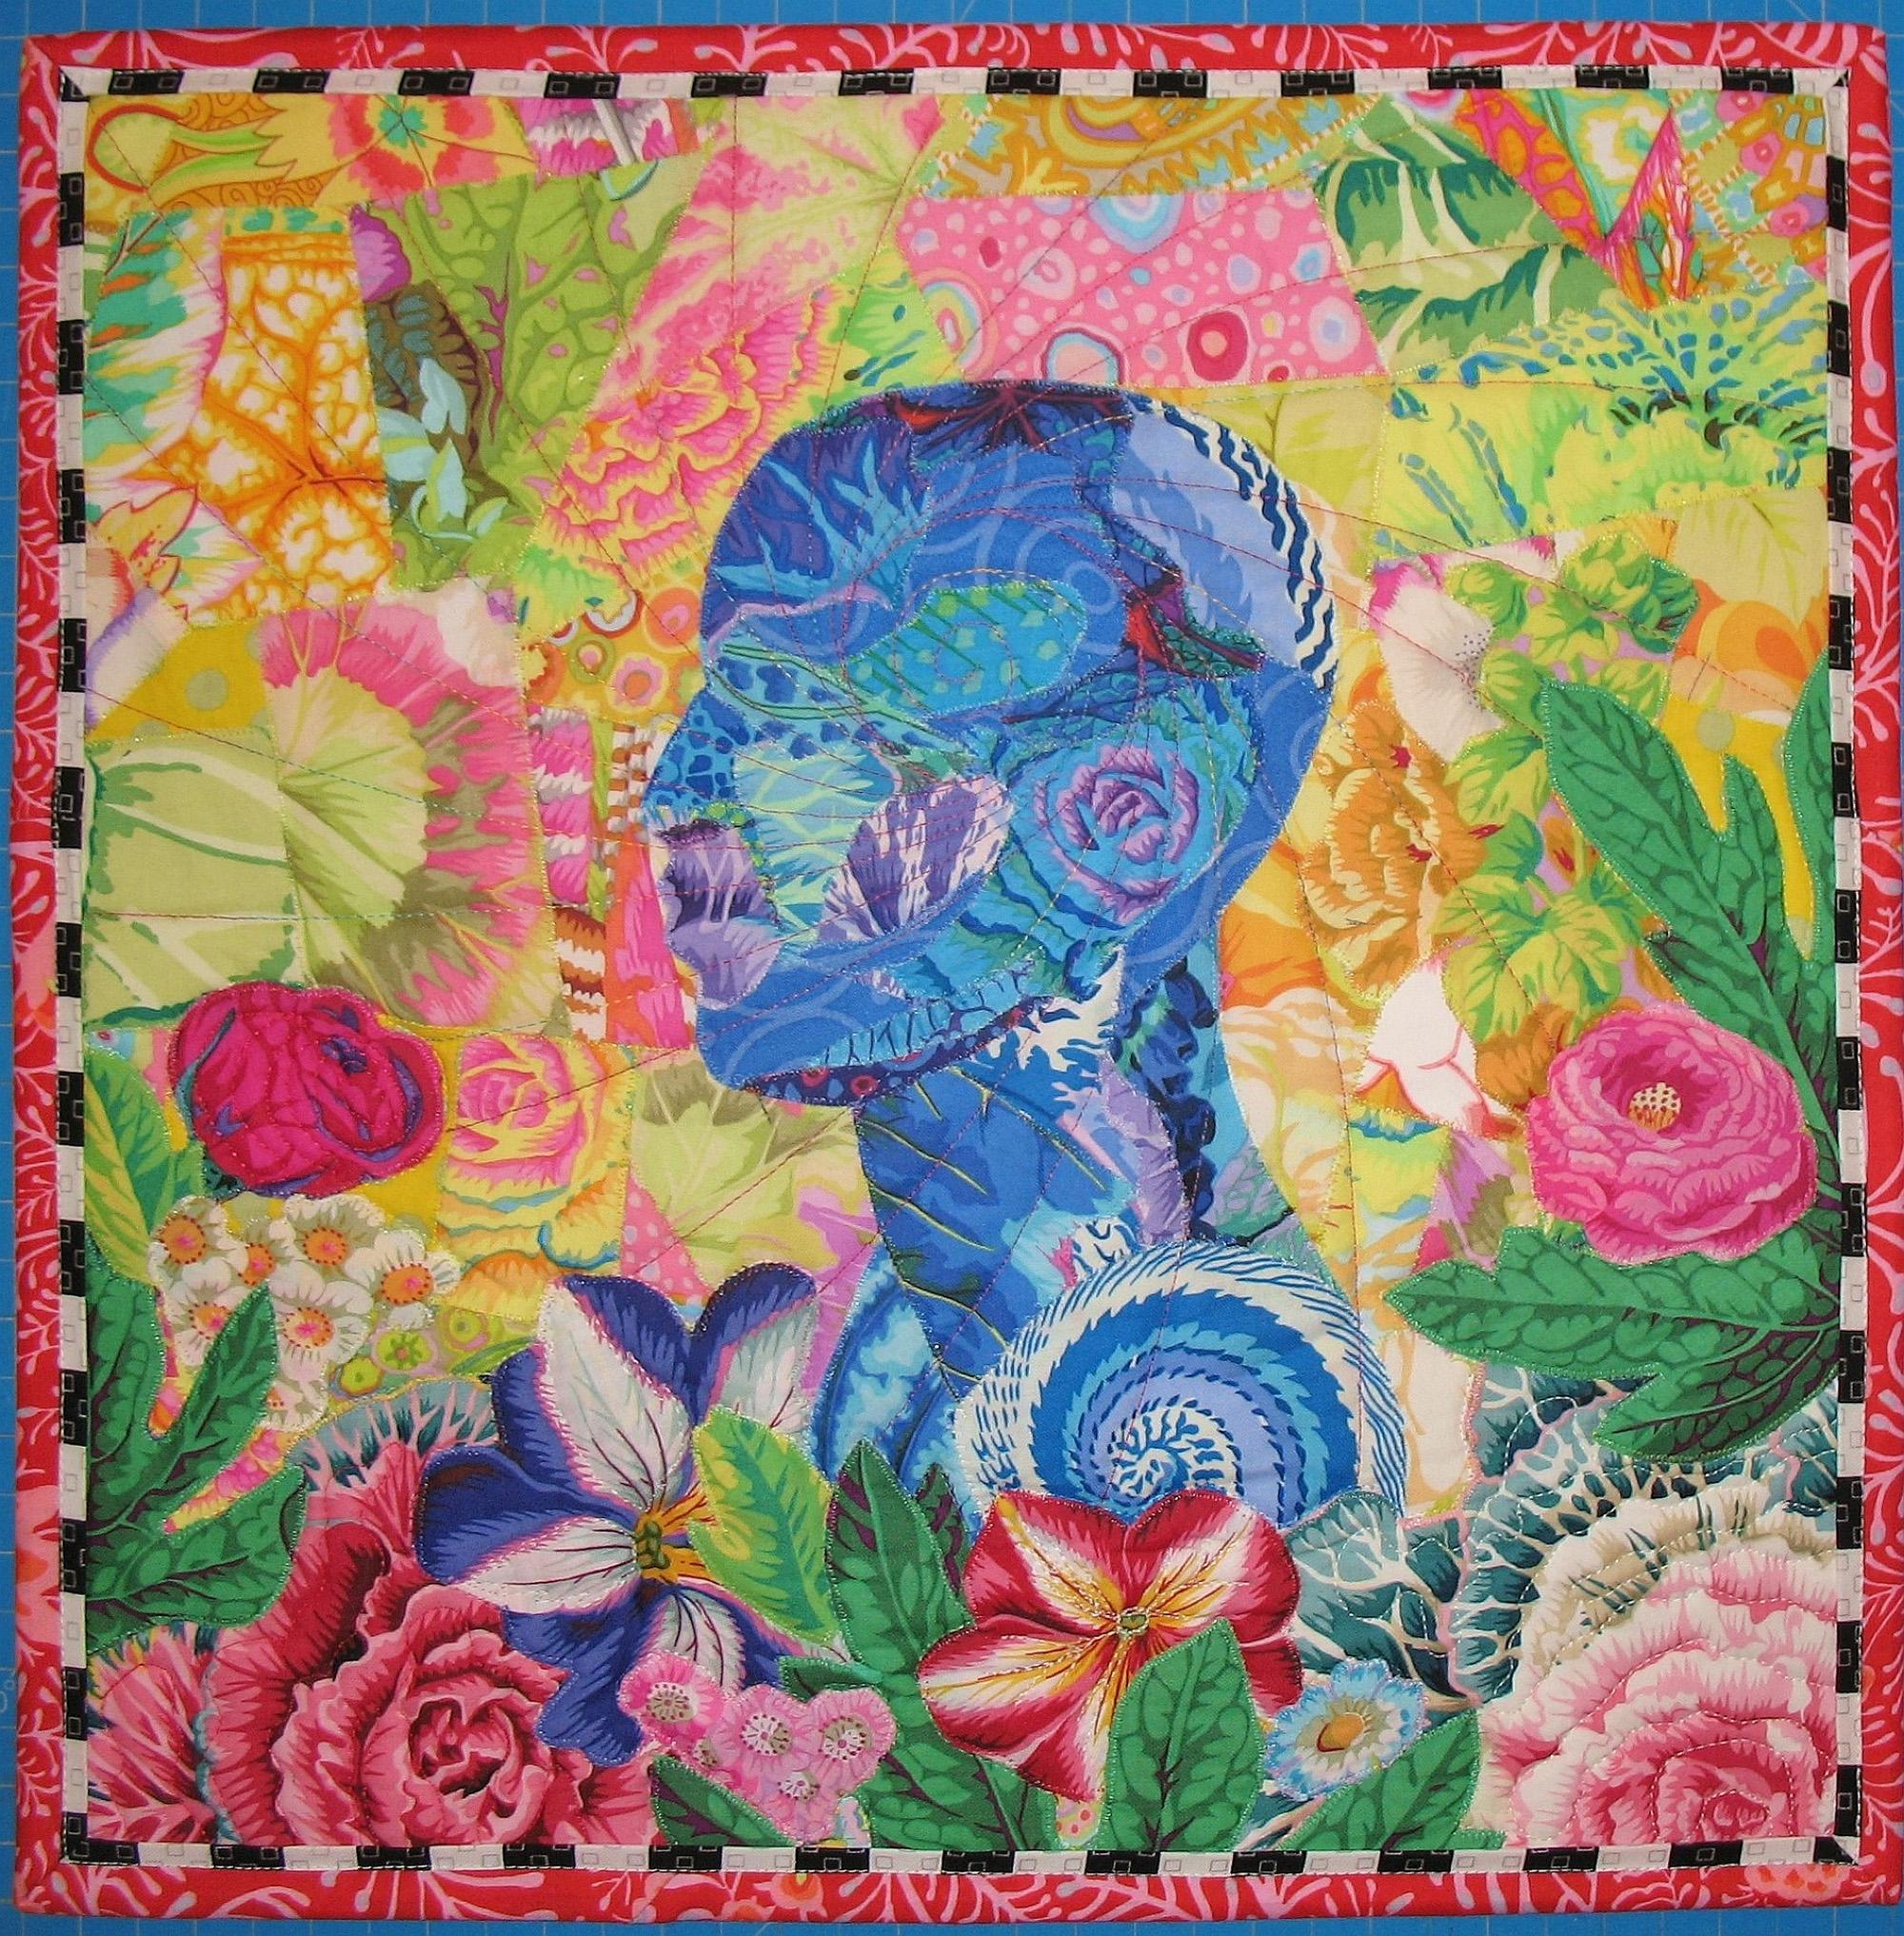 HONORABLE MENTION, <em>Blue Muse</em>, Sondra Millard, Wichita, KS